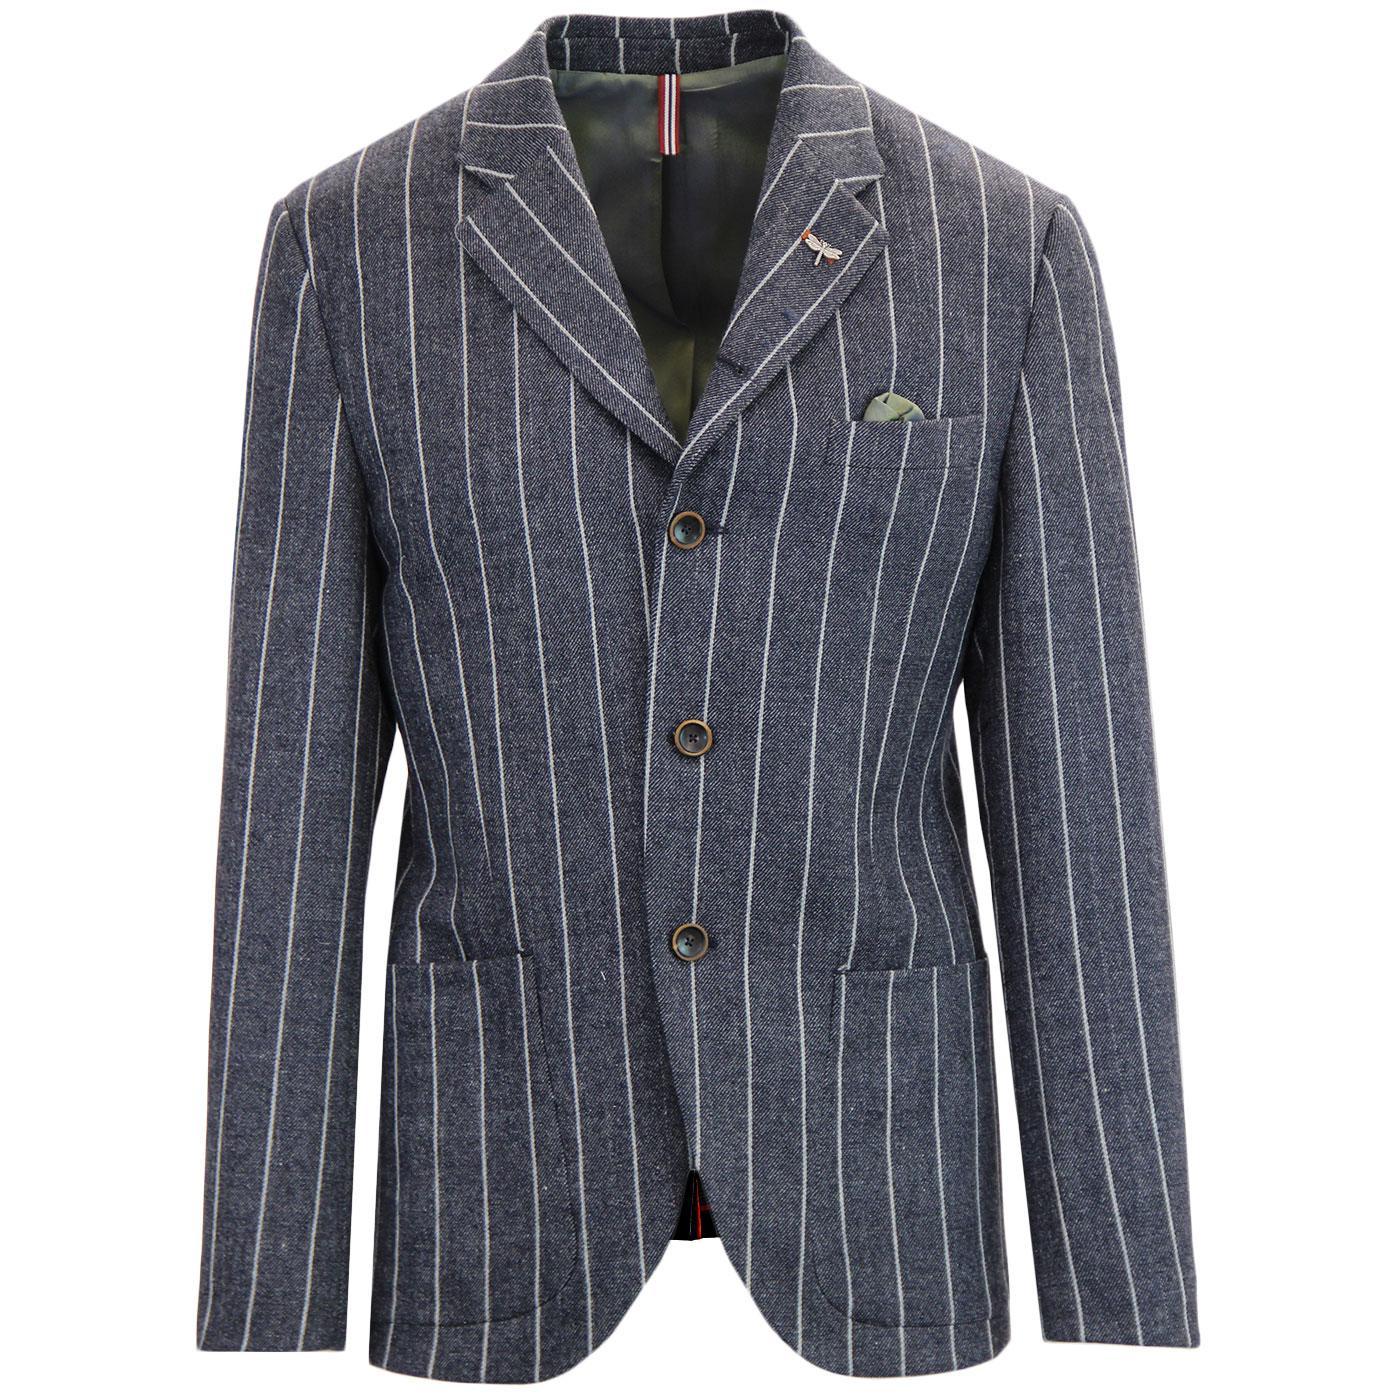 Grouse GIBSON LONDON 60s Mod Wide Stripe Blazer